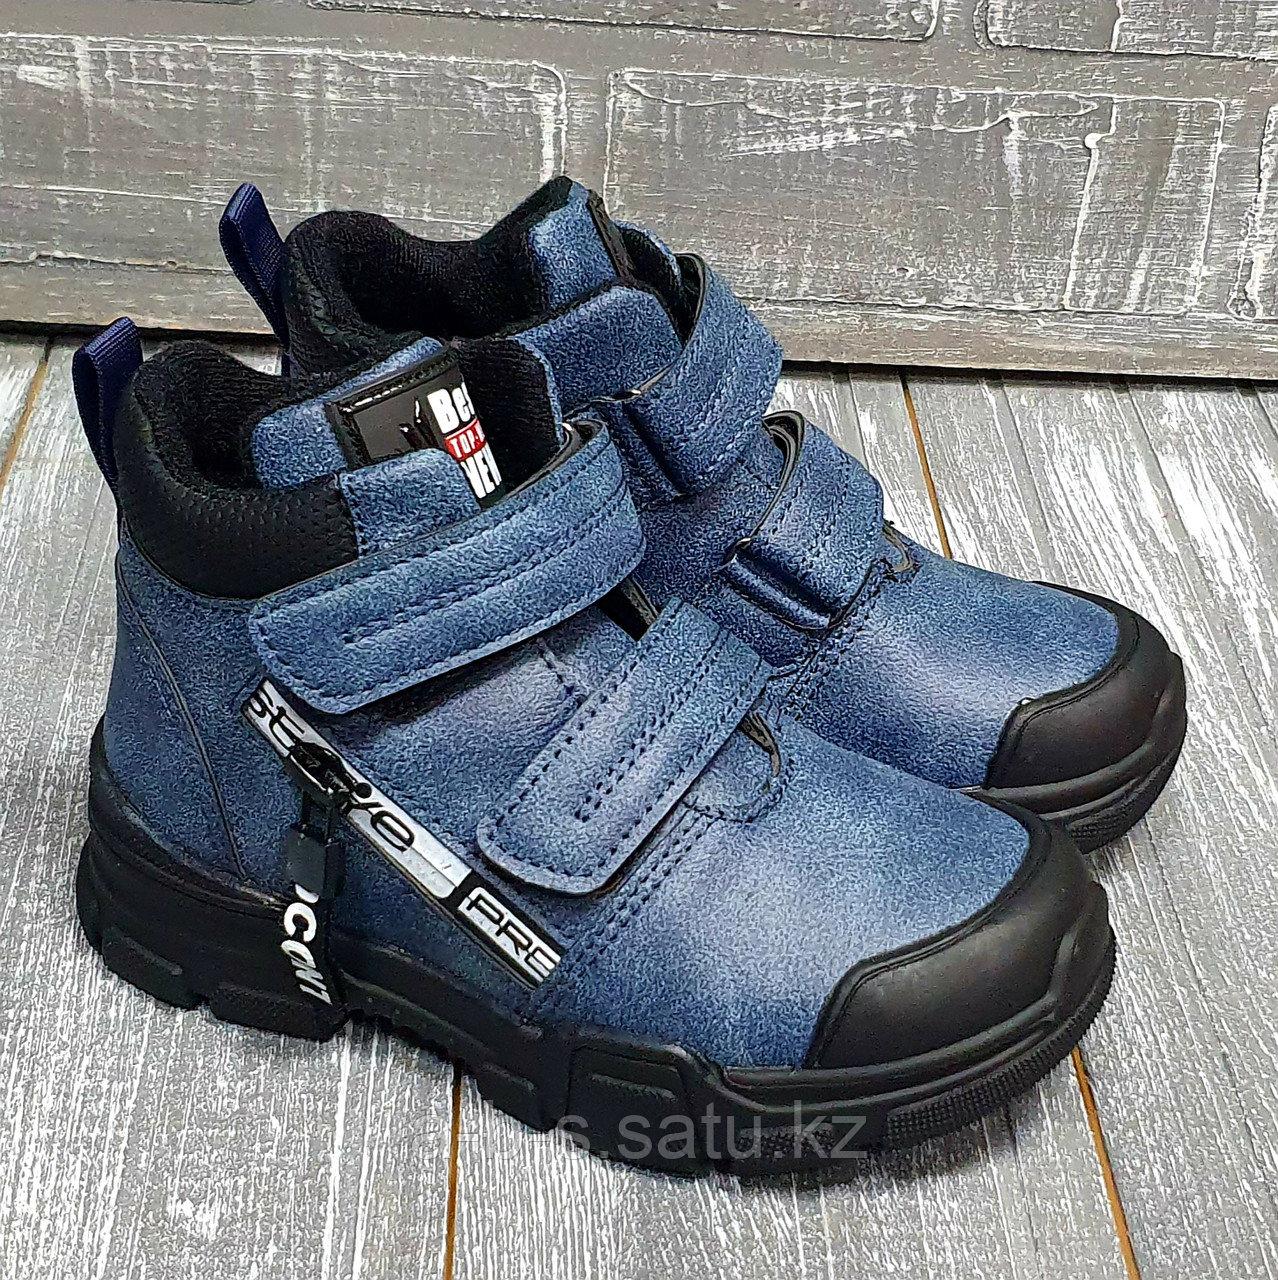 Ботинки темно-синие,  с прорезиненным носом  на липучках